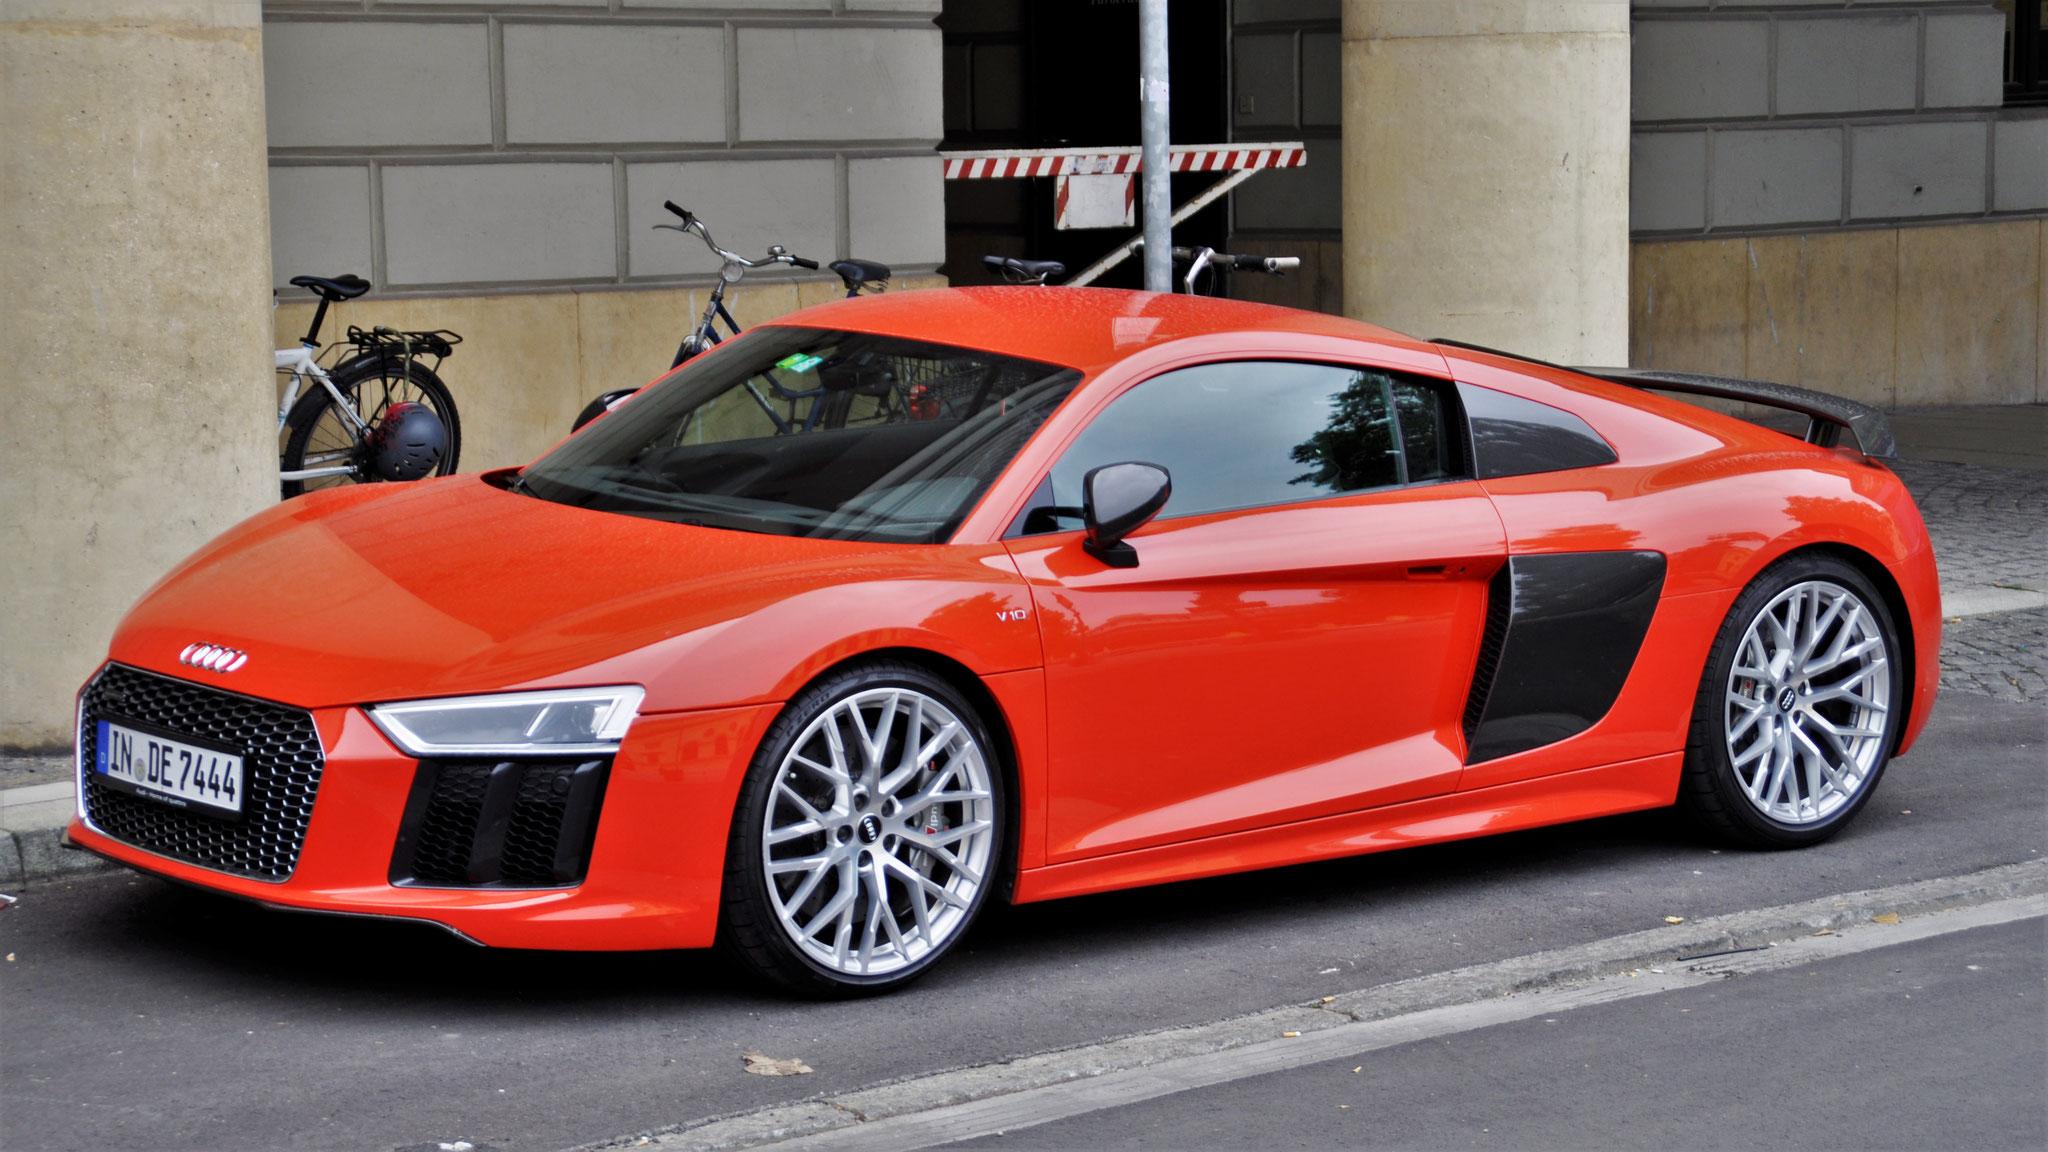 Audi R8 V10 - IN-DE-7444